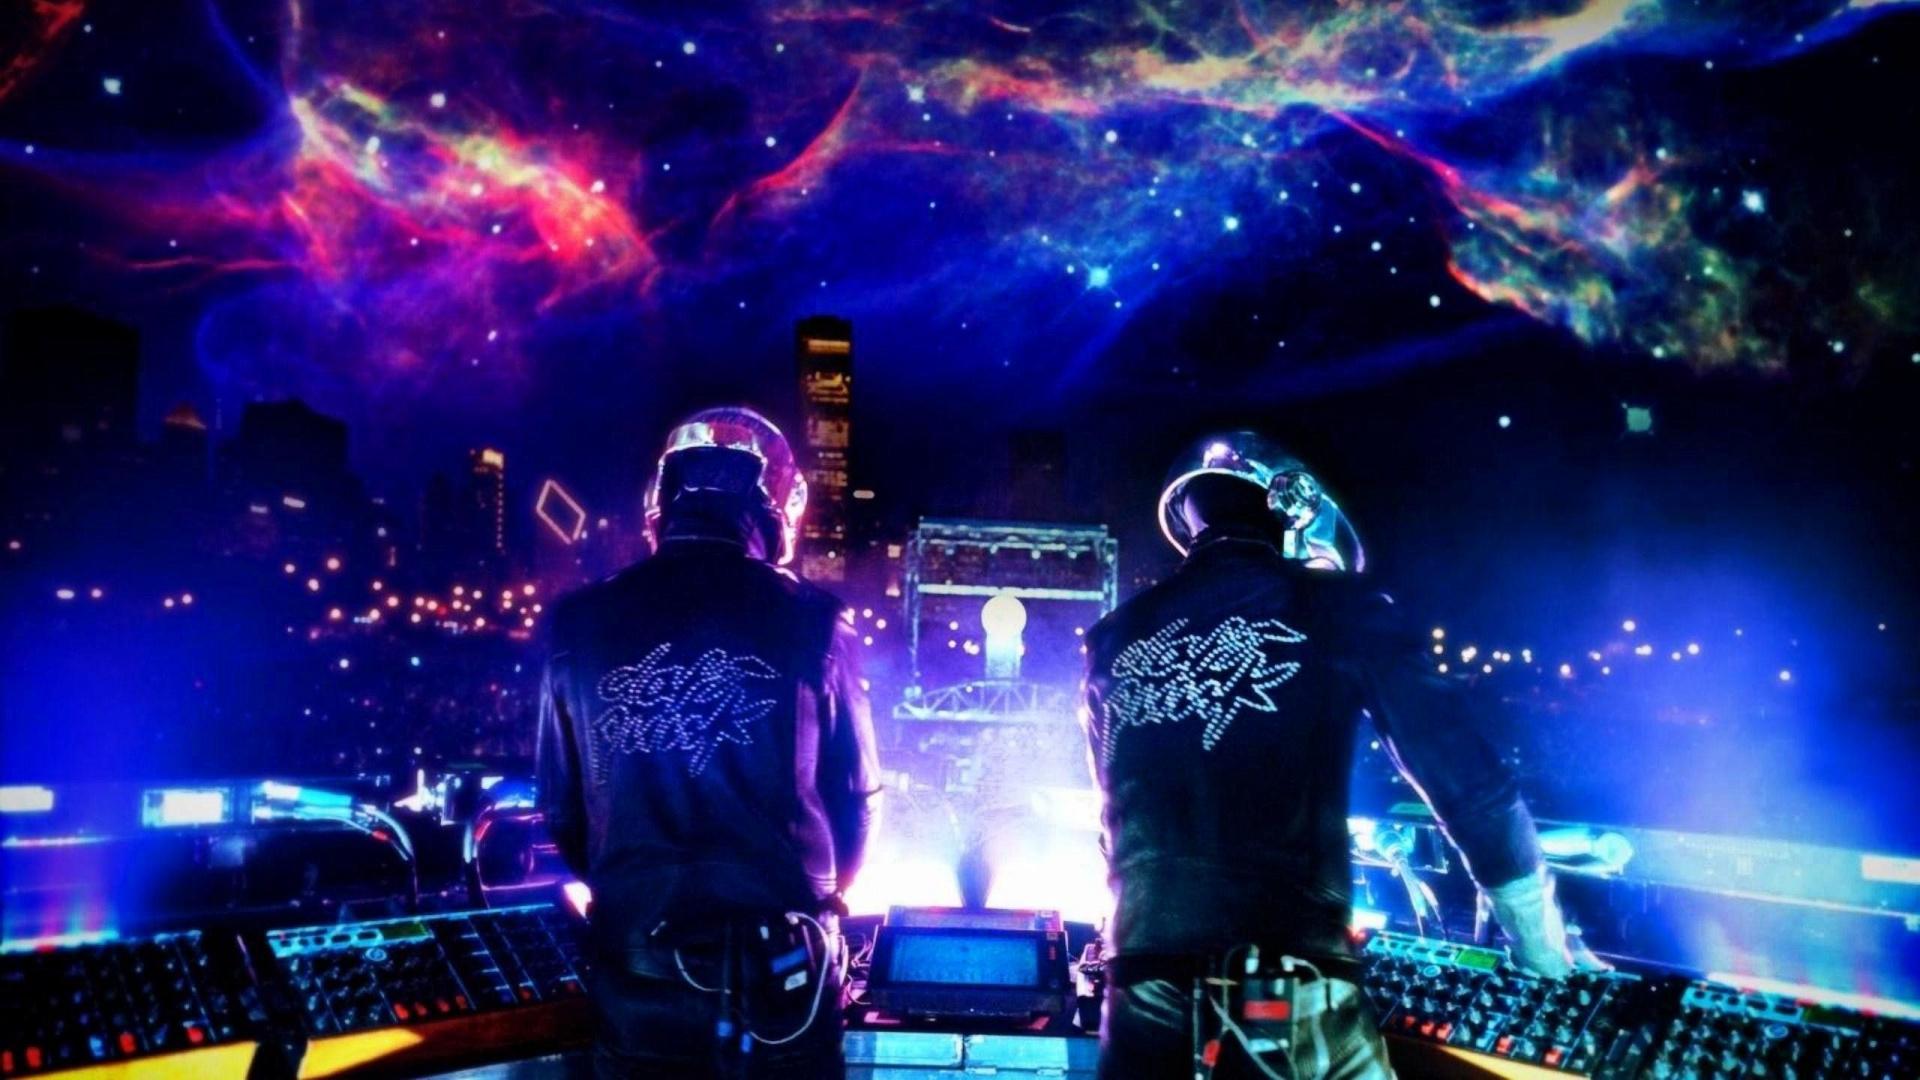 Lumines: Electronic Symphony изначально была игрой про Daft Punk